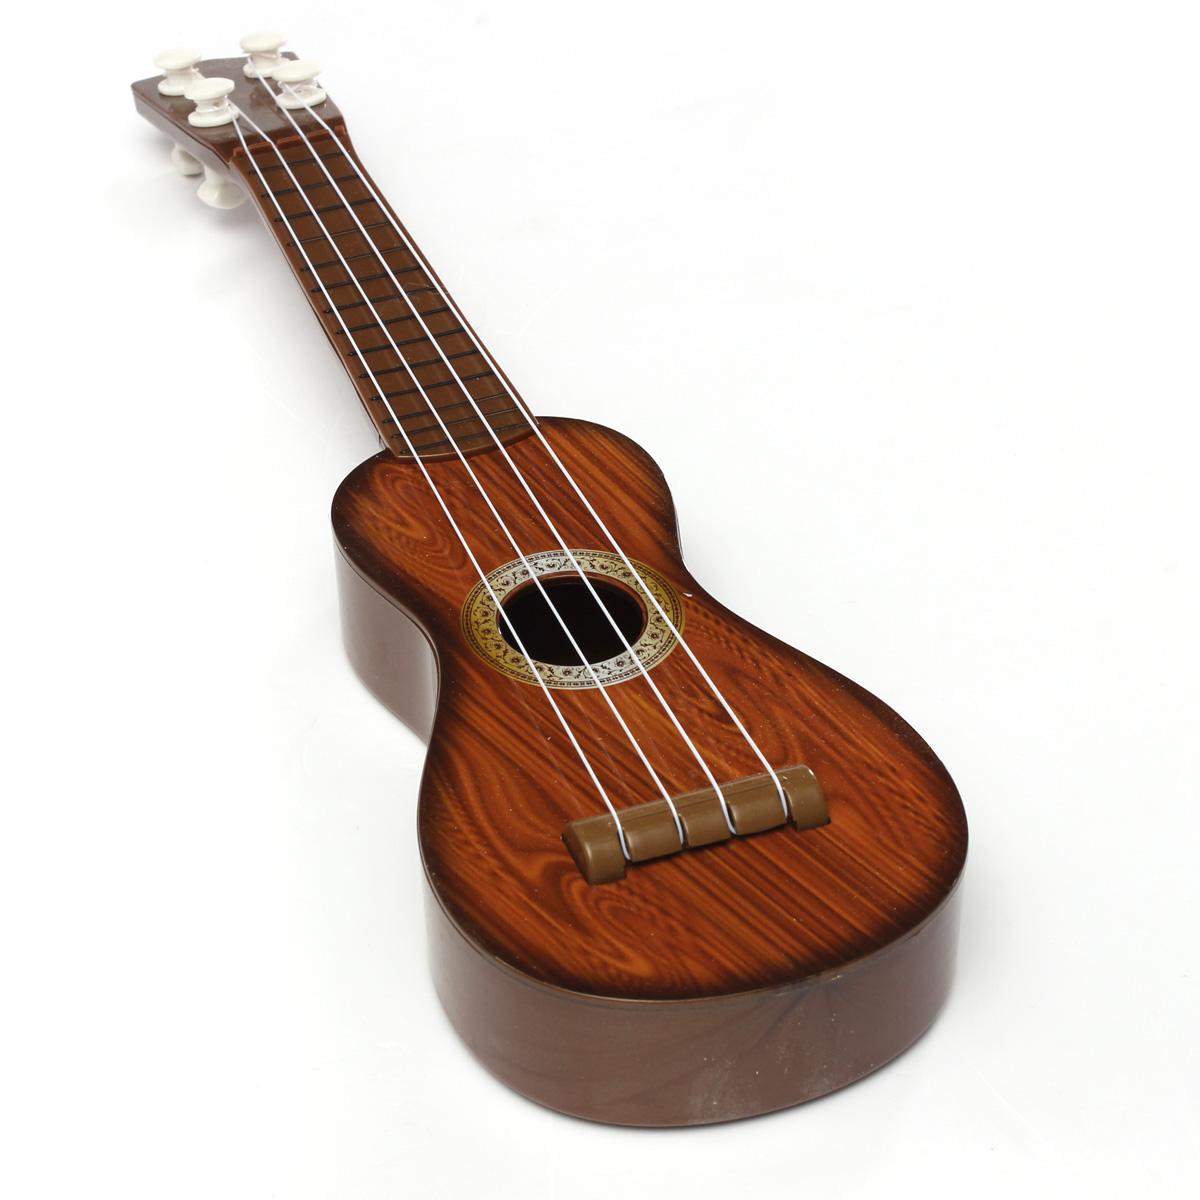 Mini Guitare Instrument 4 Cordes Musique Jouet Educatif Cadeaux Enfant